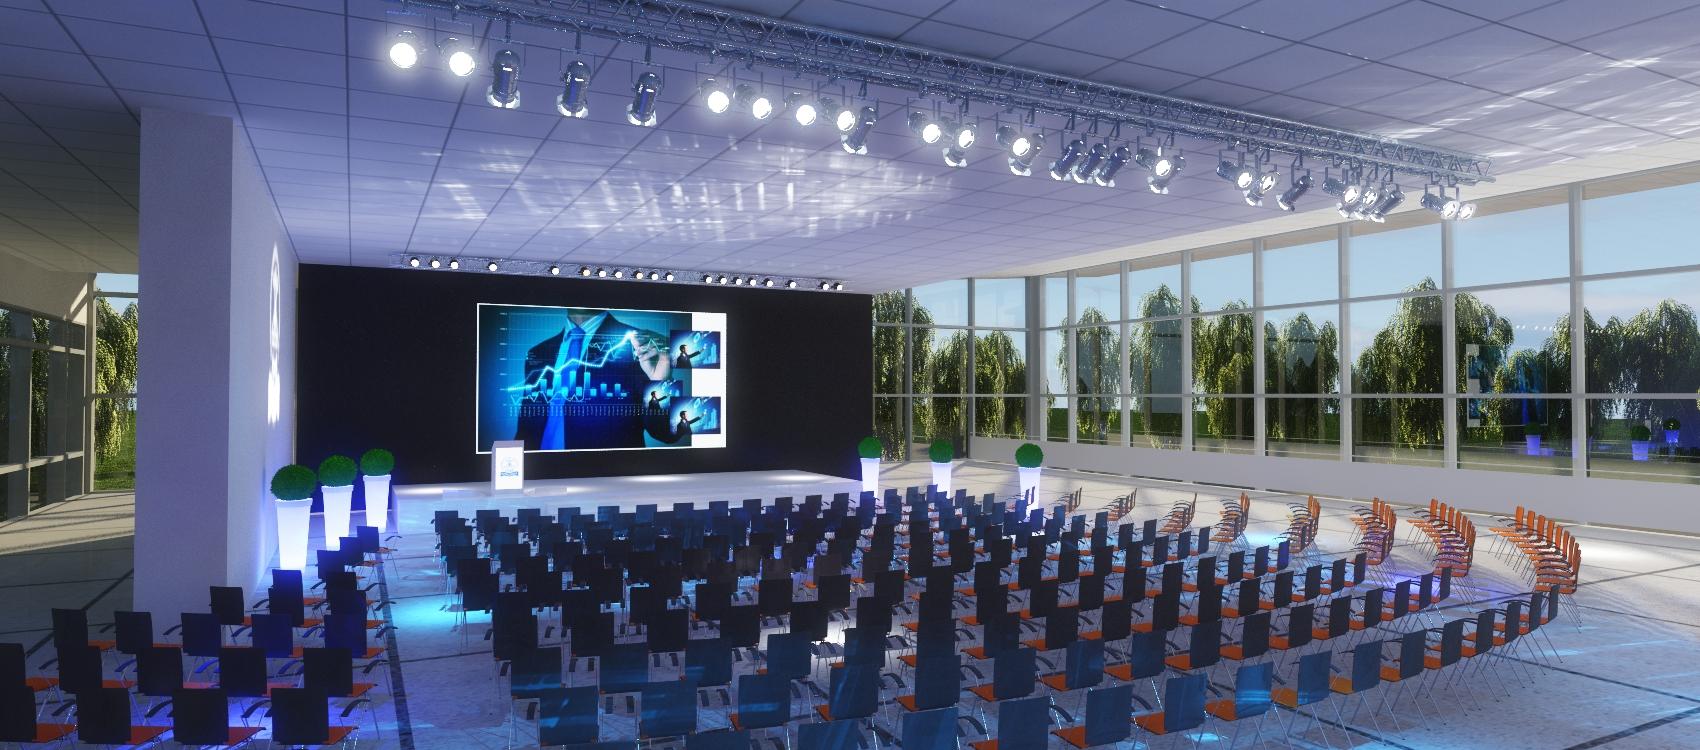 Konferencja do 1100 osób - Dzienna Aranżacja Sali